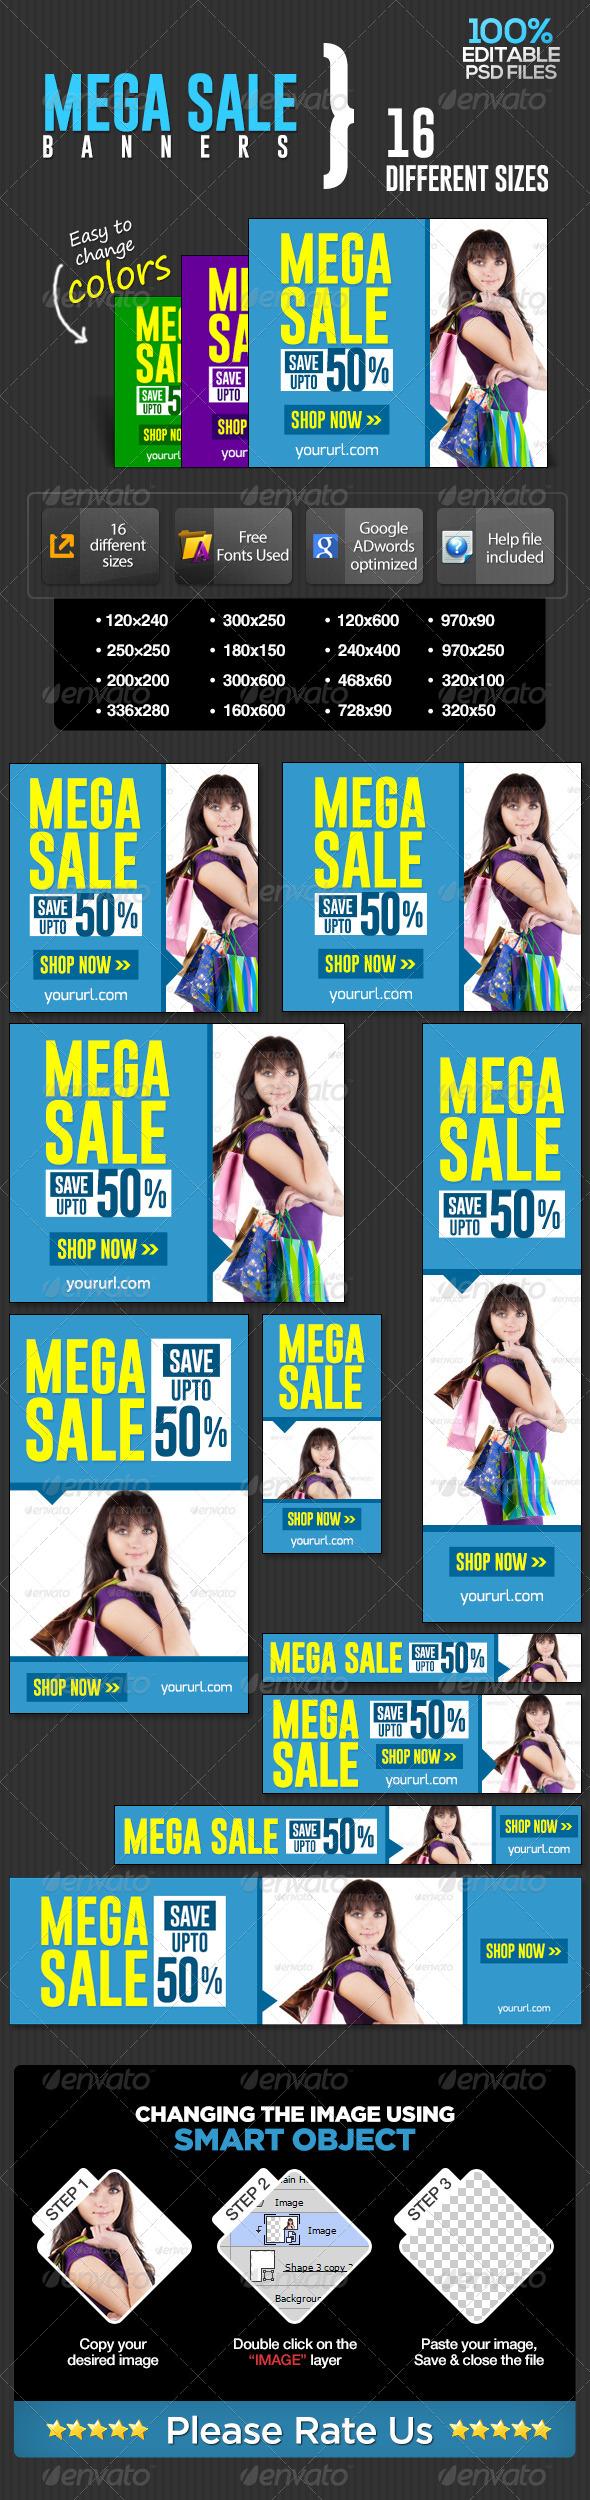 GraphicRiver E-Commerce Banners For Mega Sale 7033721